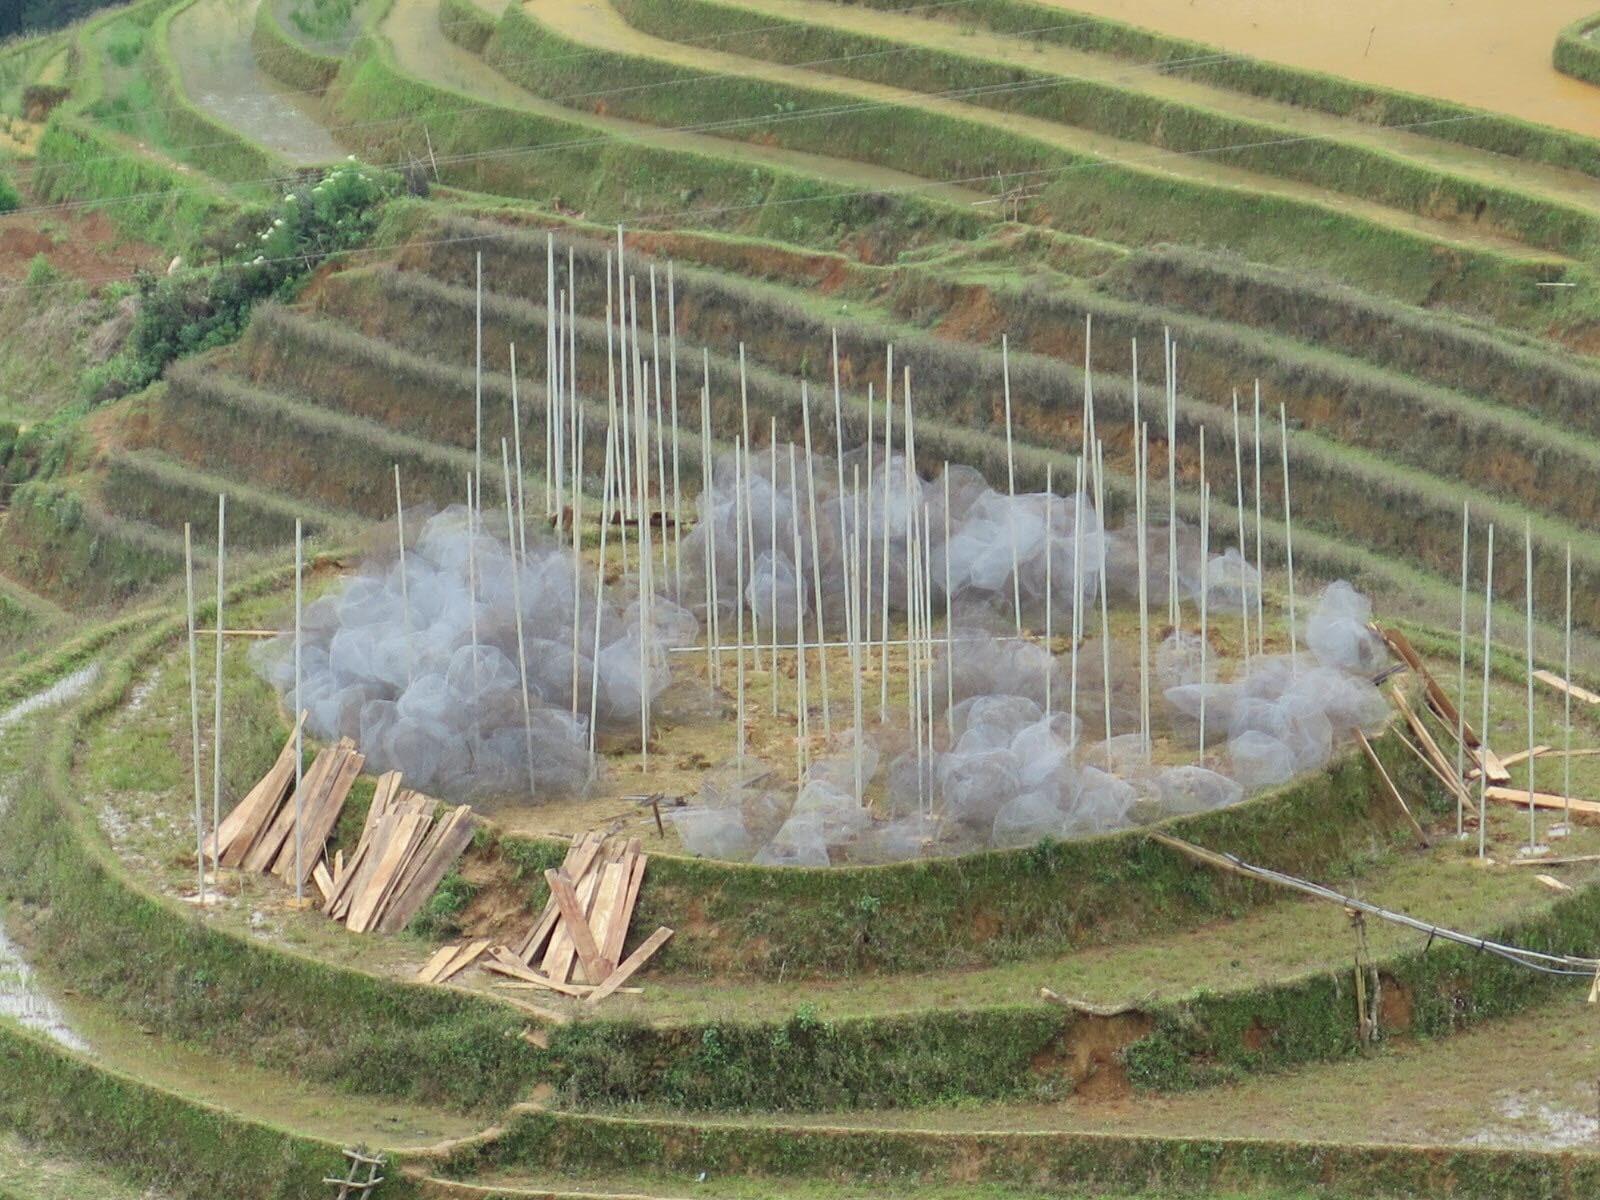 Cận cảnh triển lãm Mây pha lê trên đồi mâm xôi hot nhất Mù Cang Chải từng khiến dân phượt lo ngại - Ảnh 1.